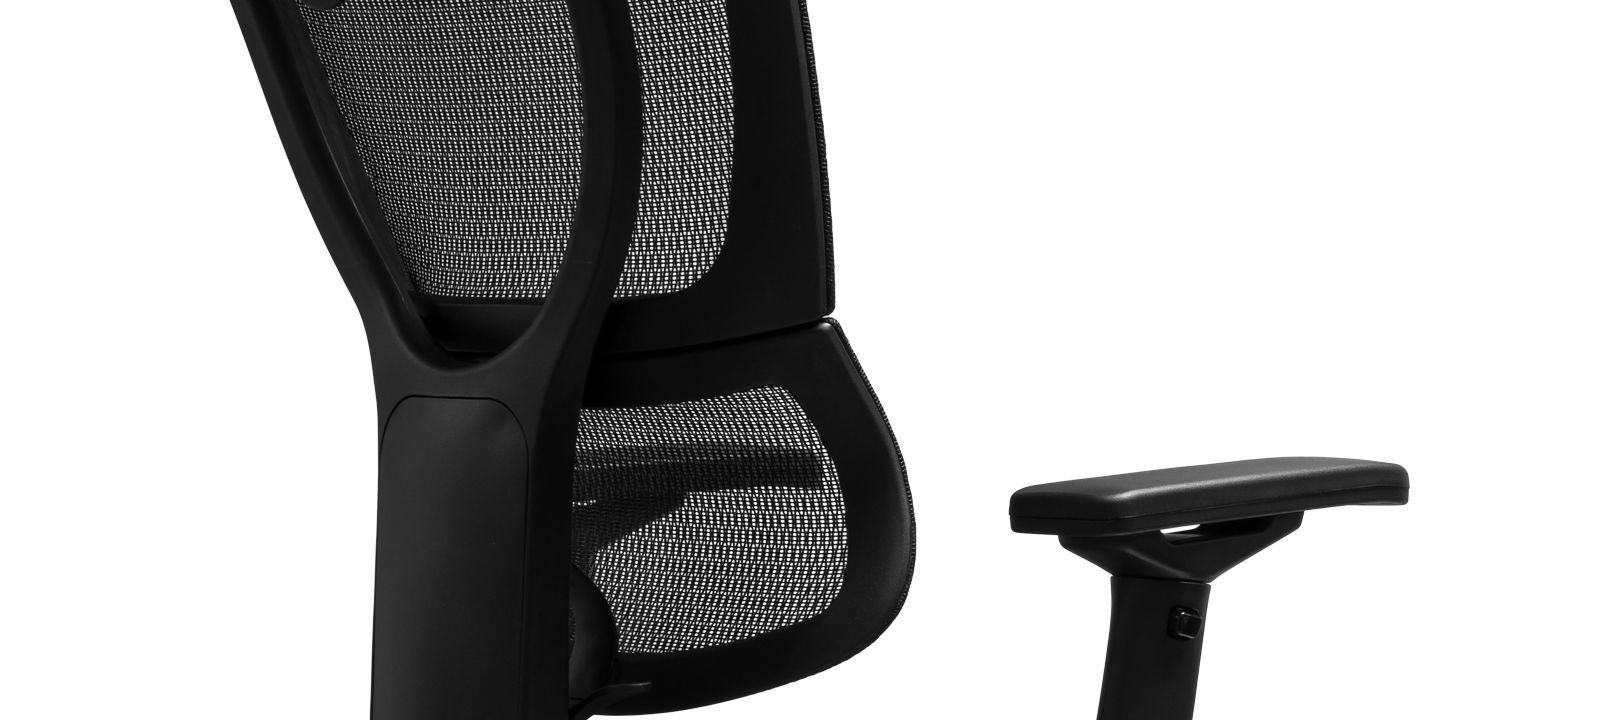 Эргономичное компьютерное кресло Сomfort Seating Mirus спинка